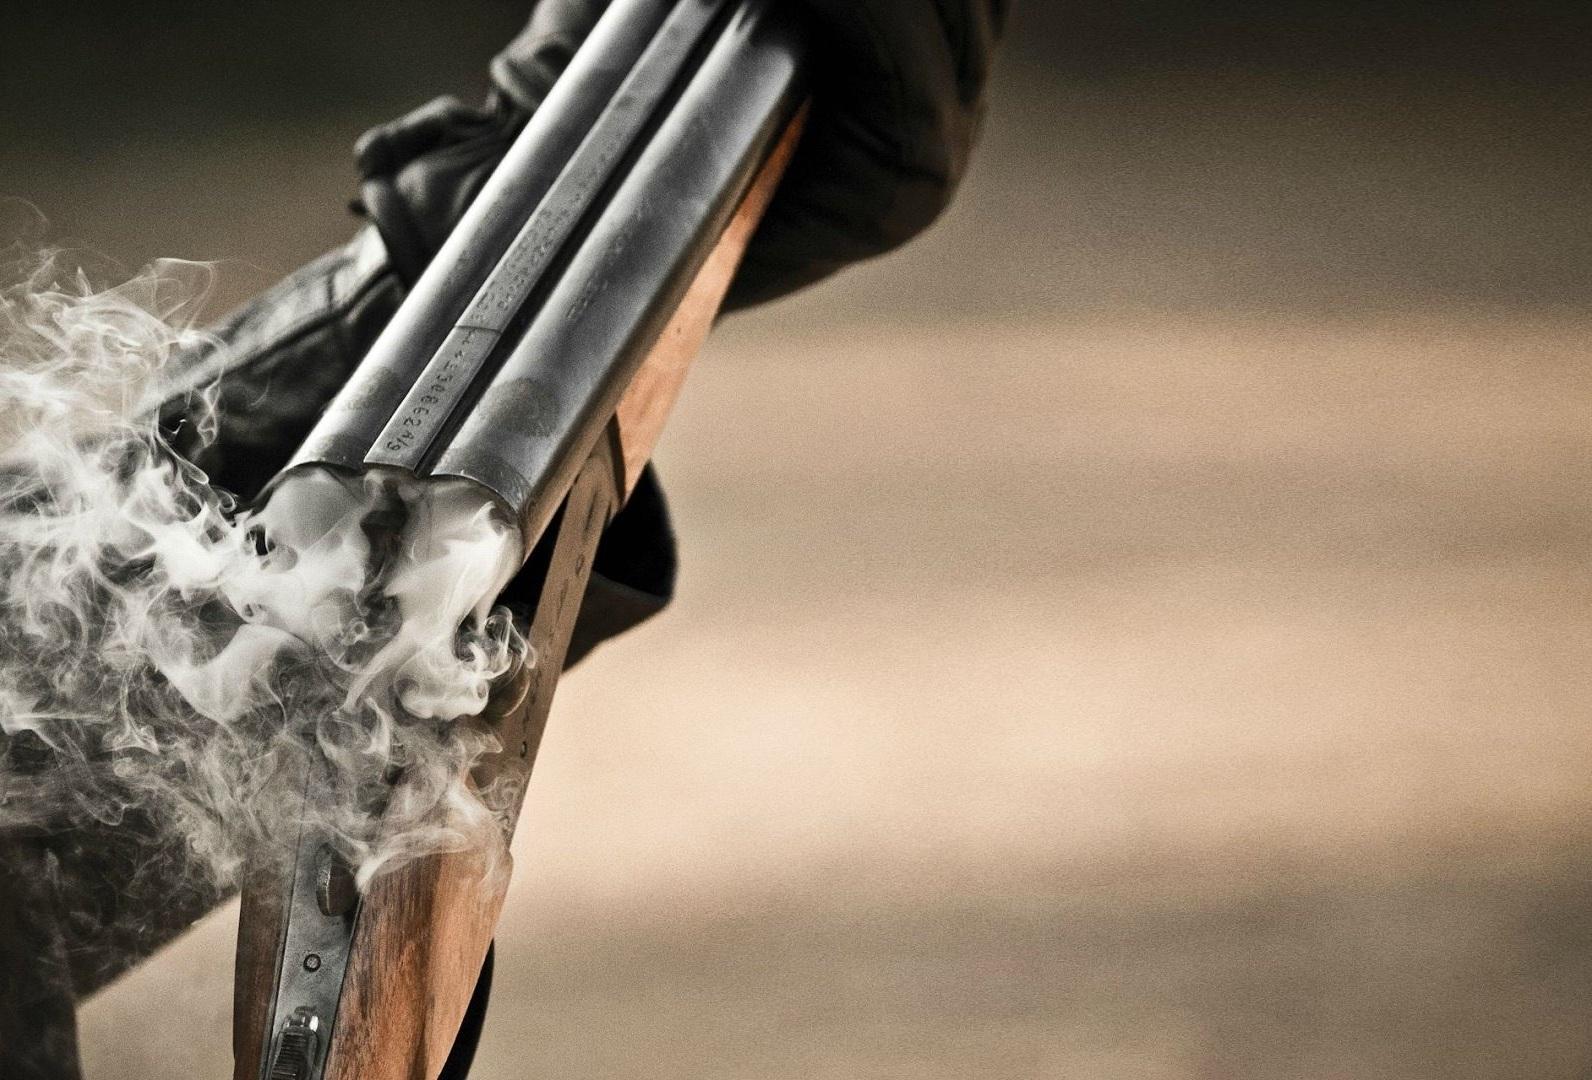 В Закарпатье полицейский ранил из ружья напарника и местную жительницу